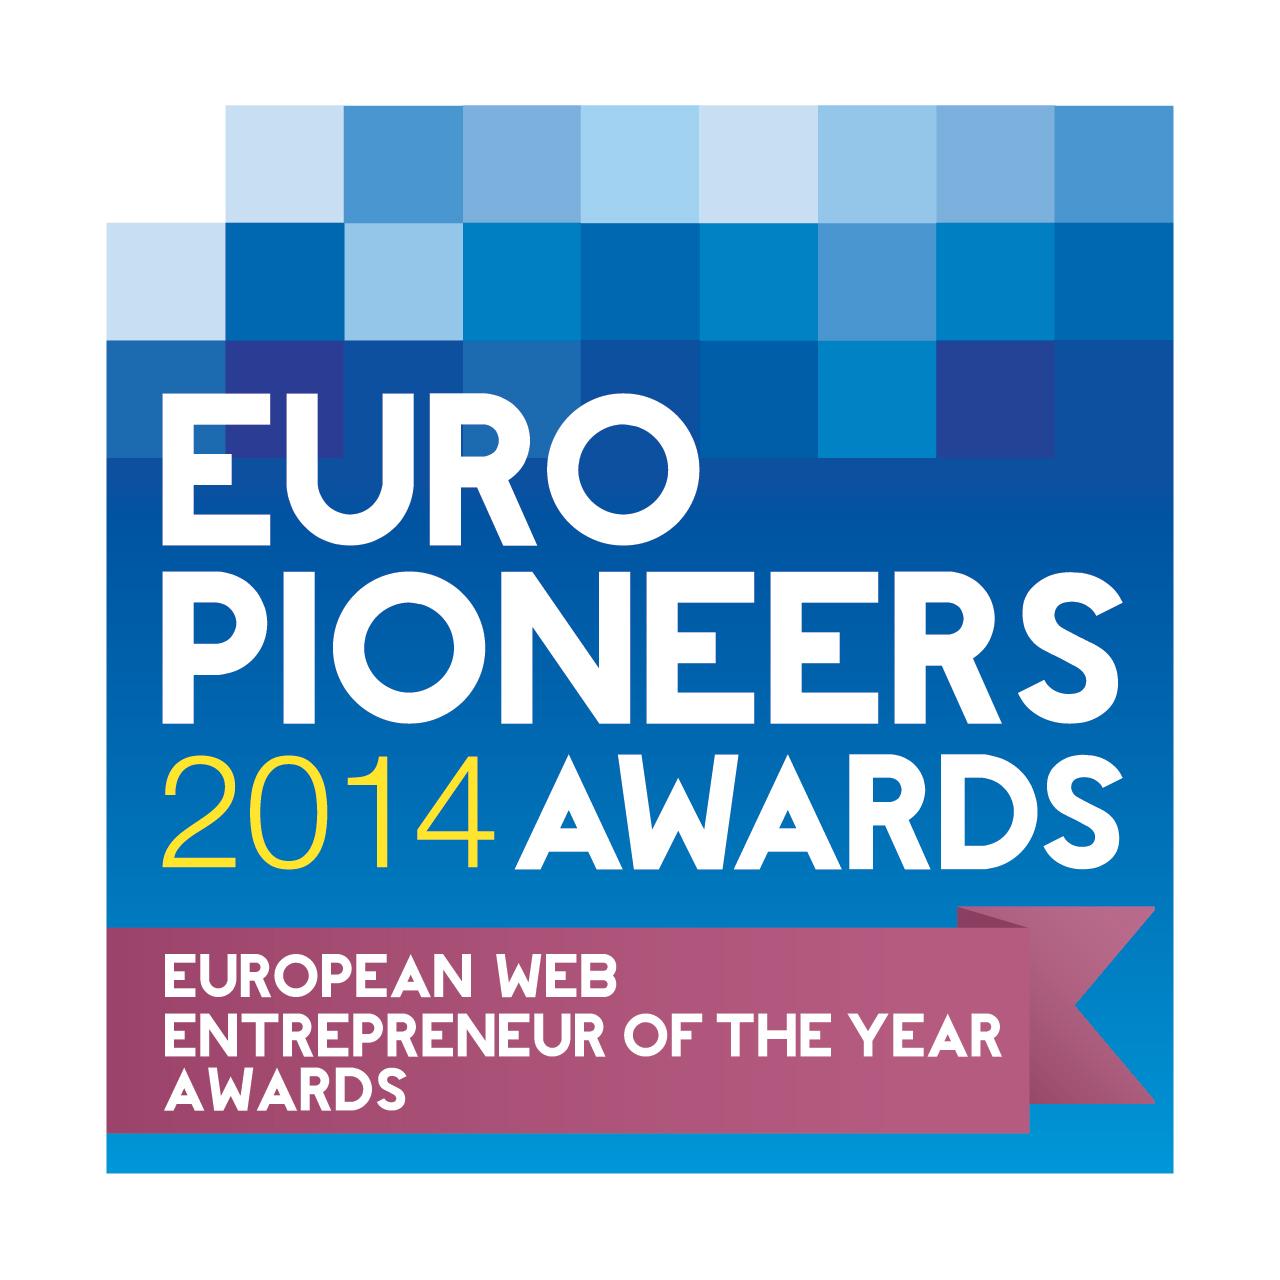 europioneers-2014